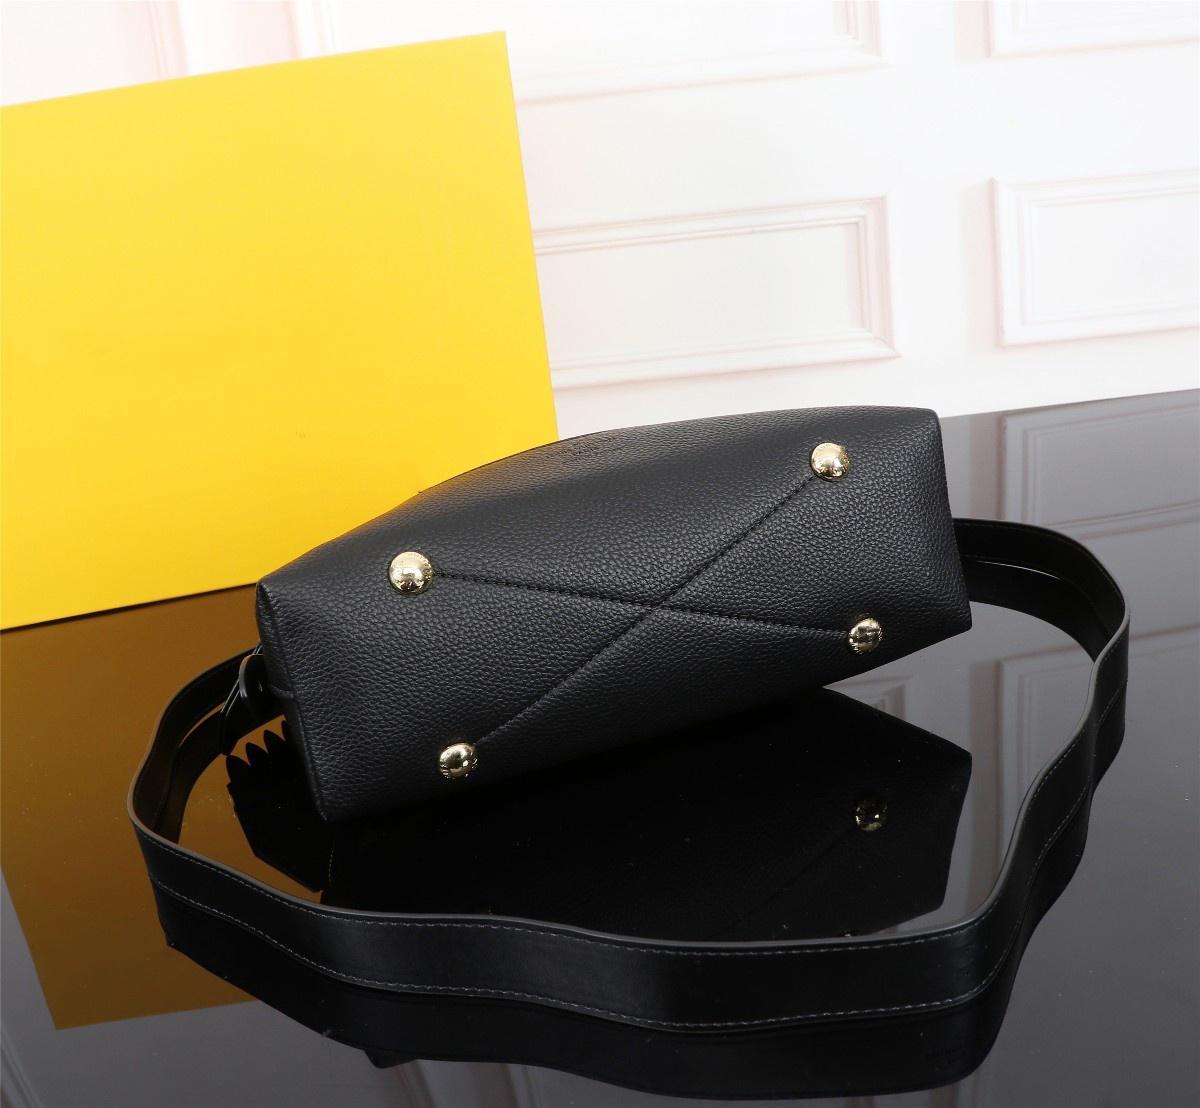 حقائب اليد حقيبة مساء حقيبة مختوم خطابات فاخرة مصمم حقيبة يد جلدية المواد تنوعا أكياس قطري نمط لو